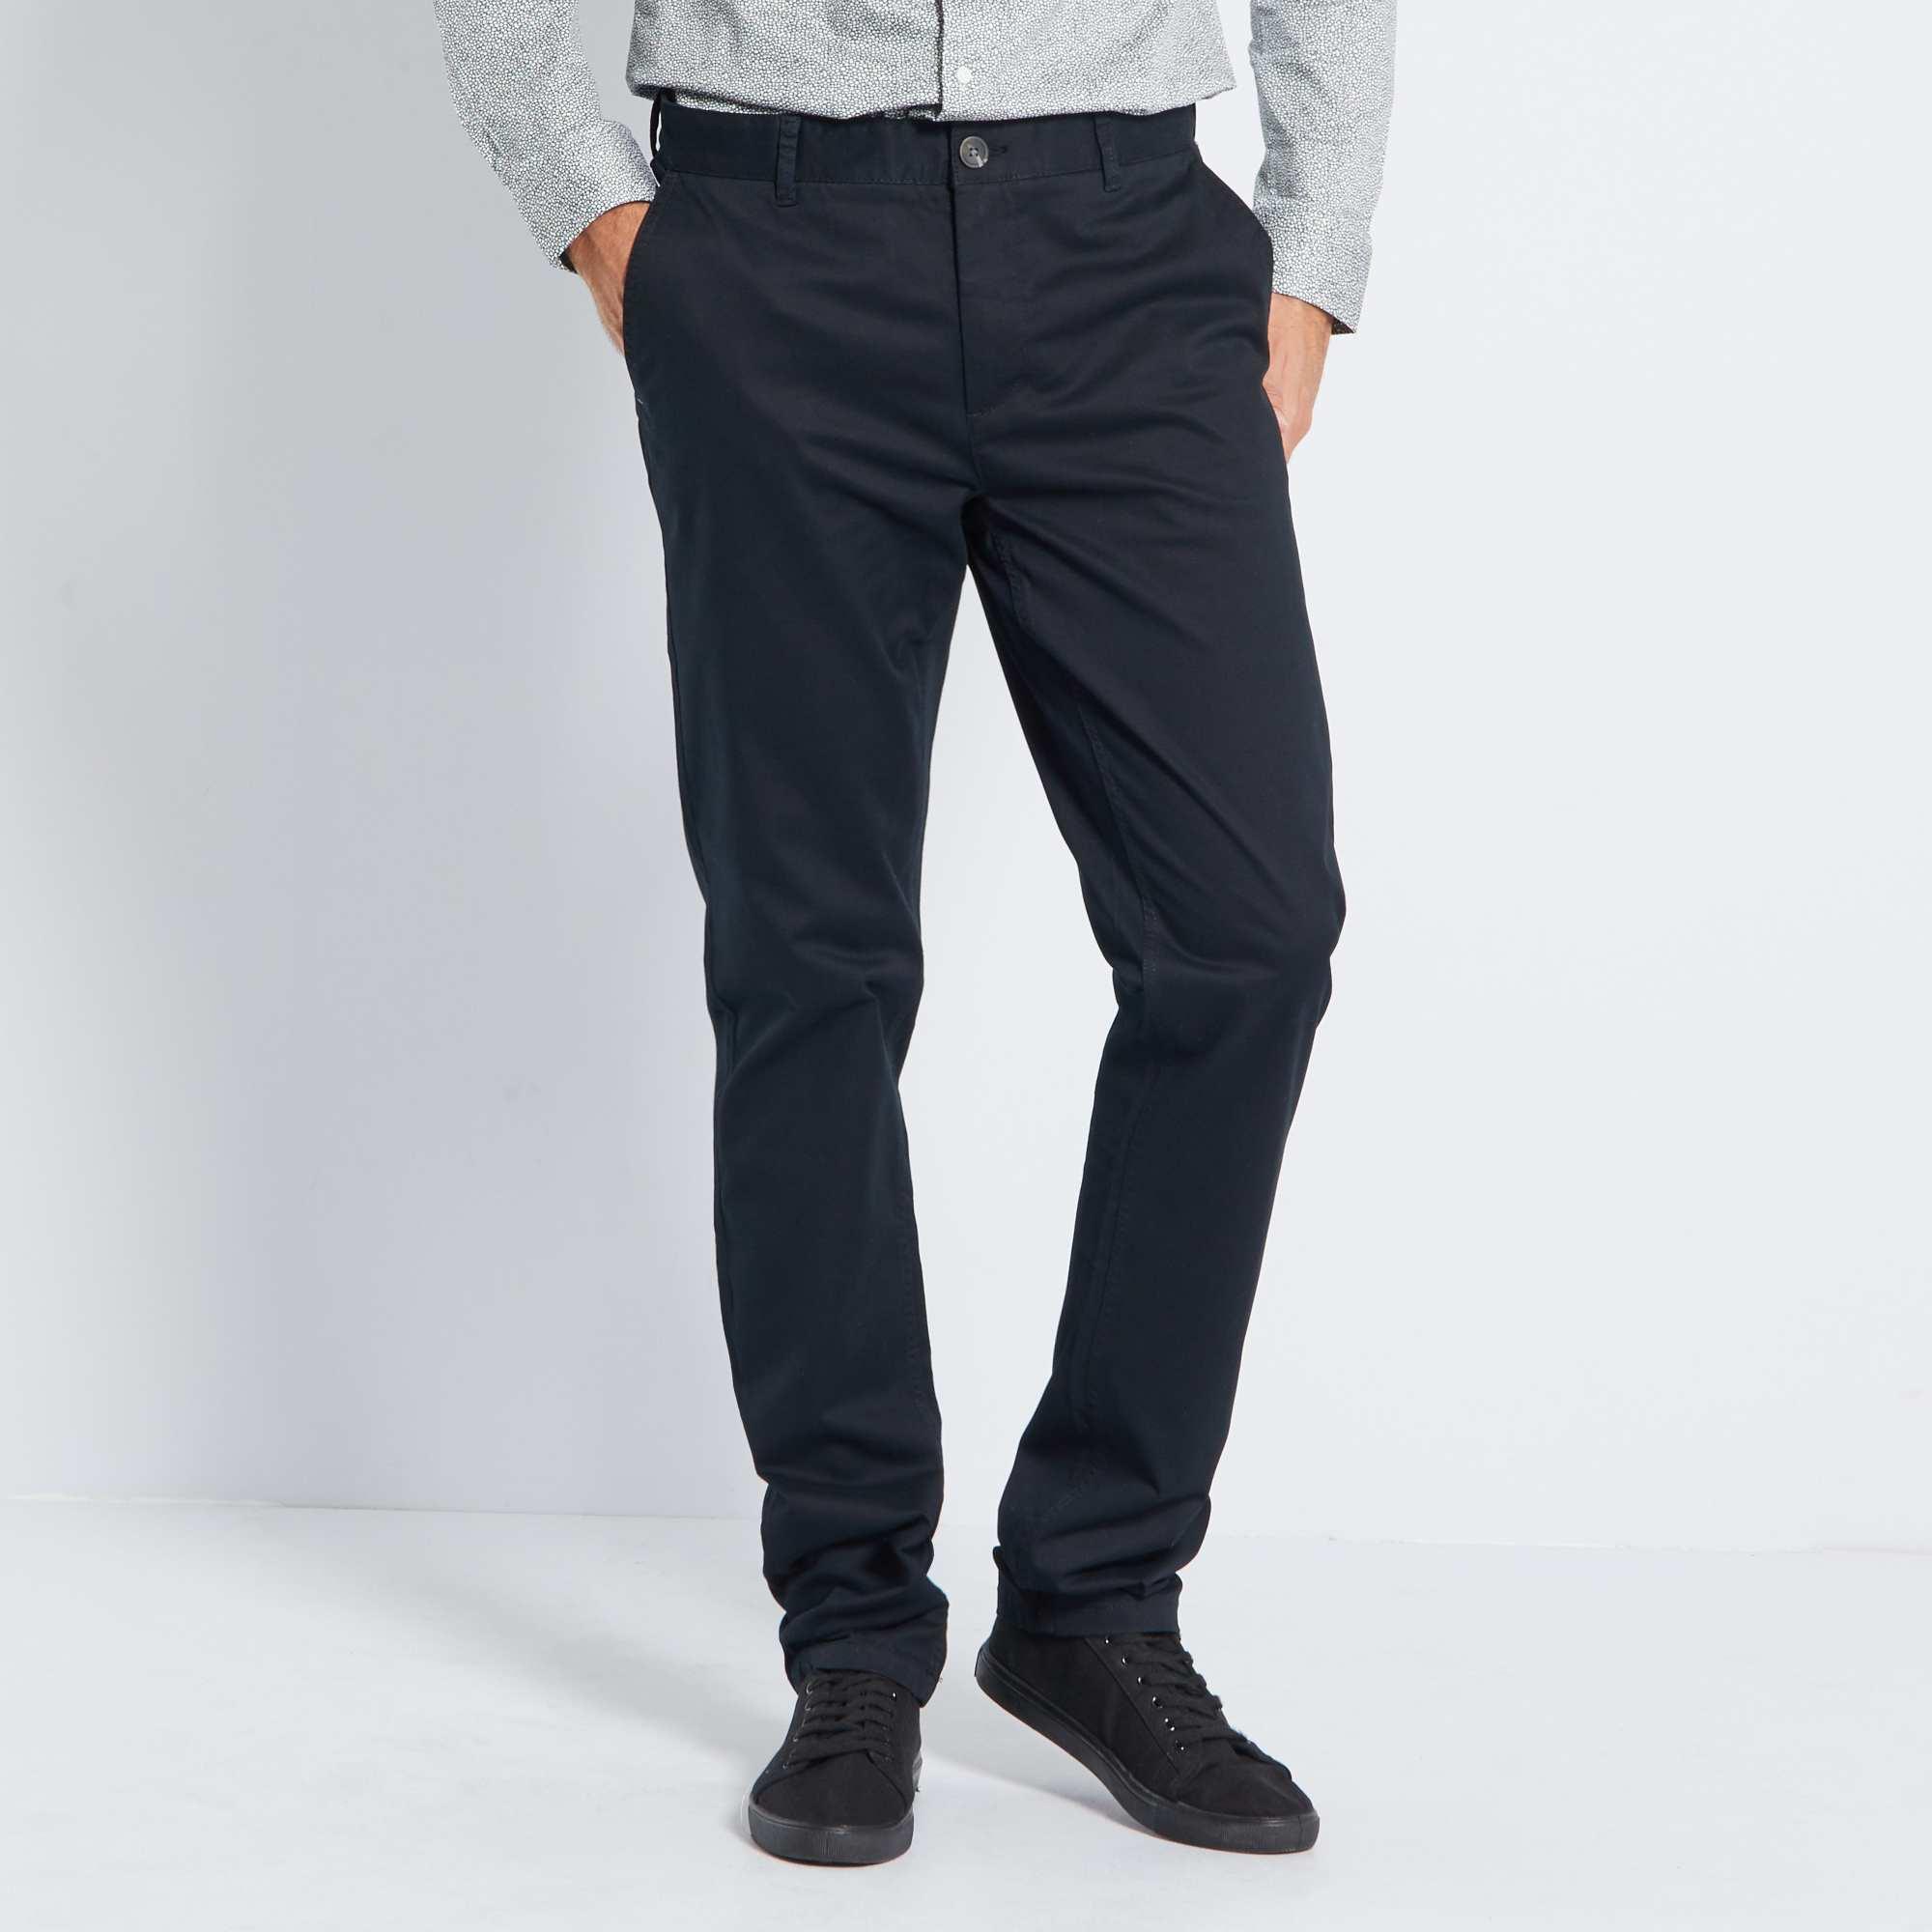 pantalon chino slim pur coton l36 1m90 homme noir. Black Bedroom Furniture Sets. Home Design Ideas